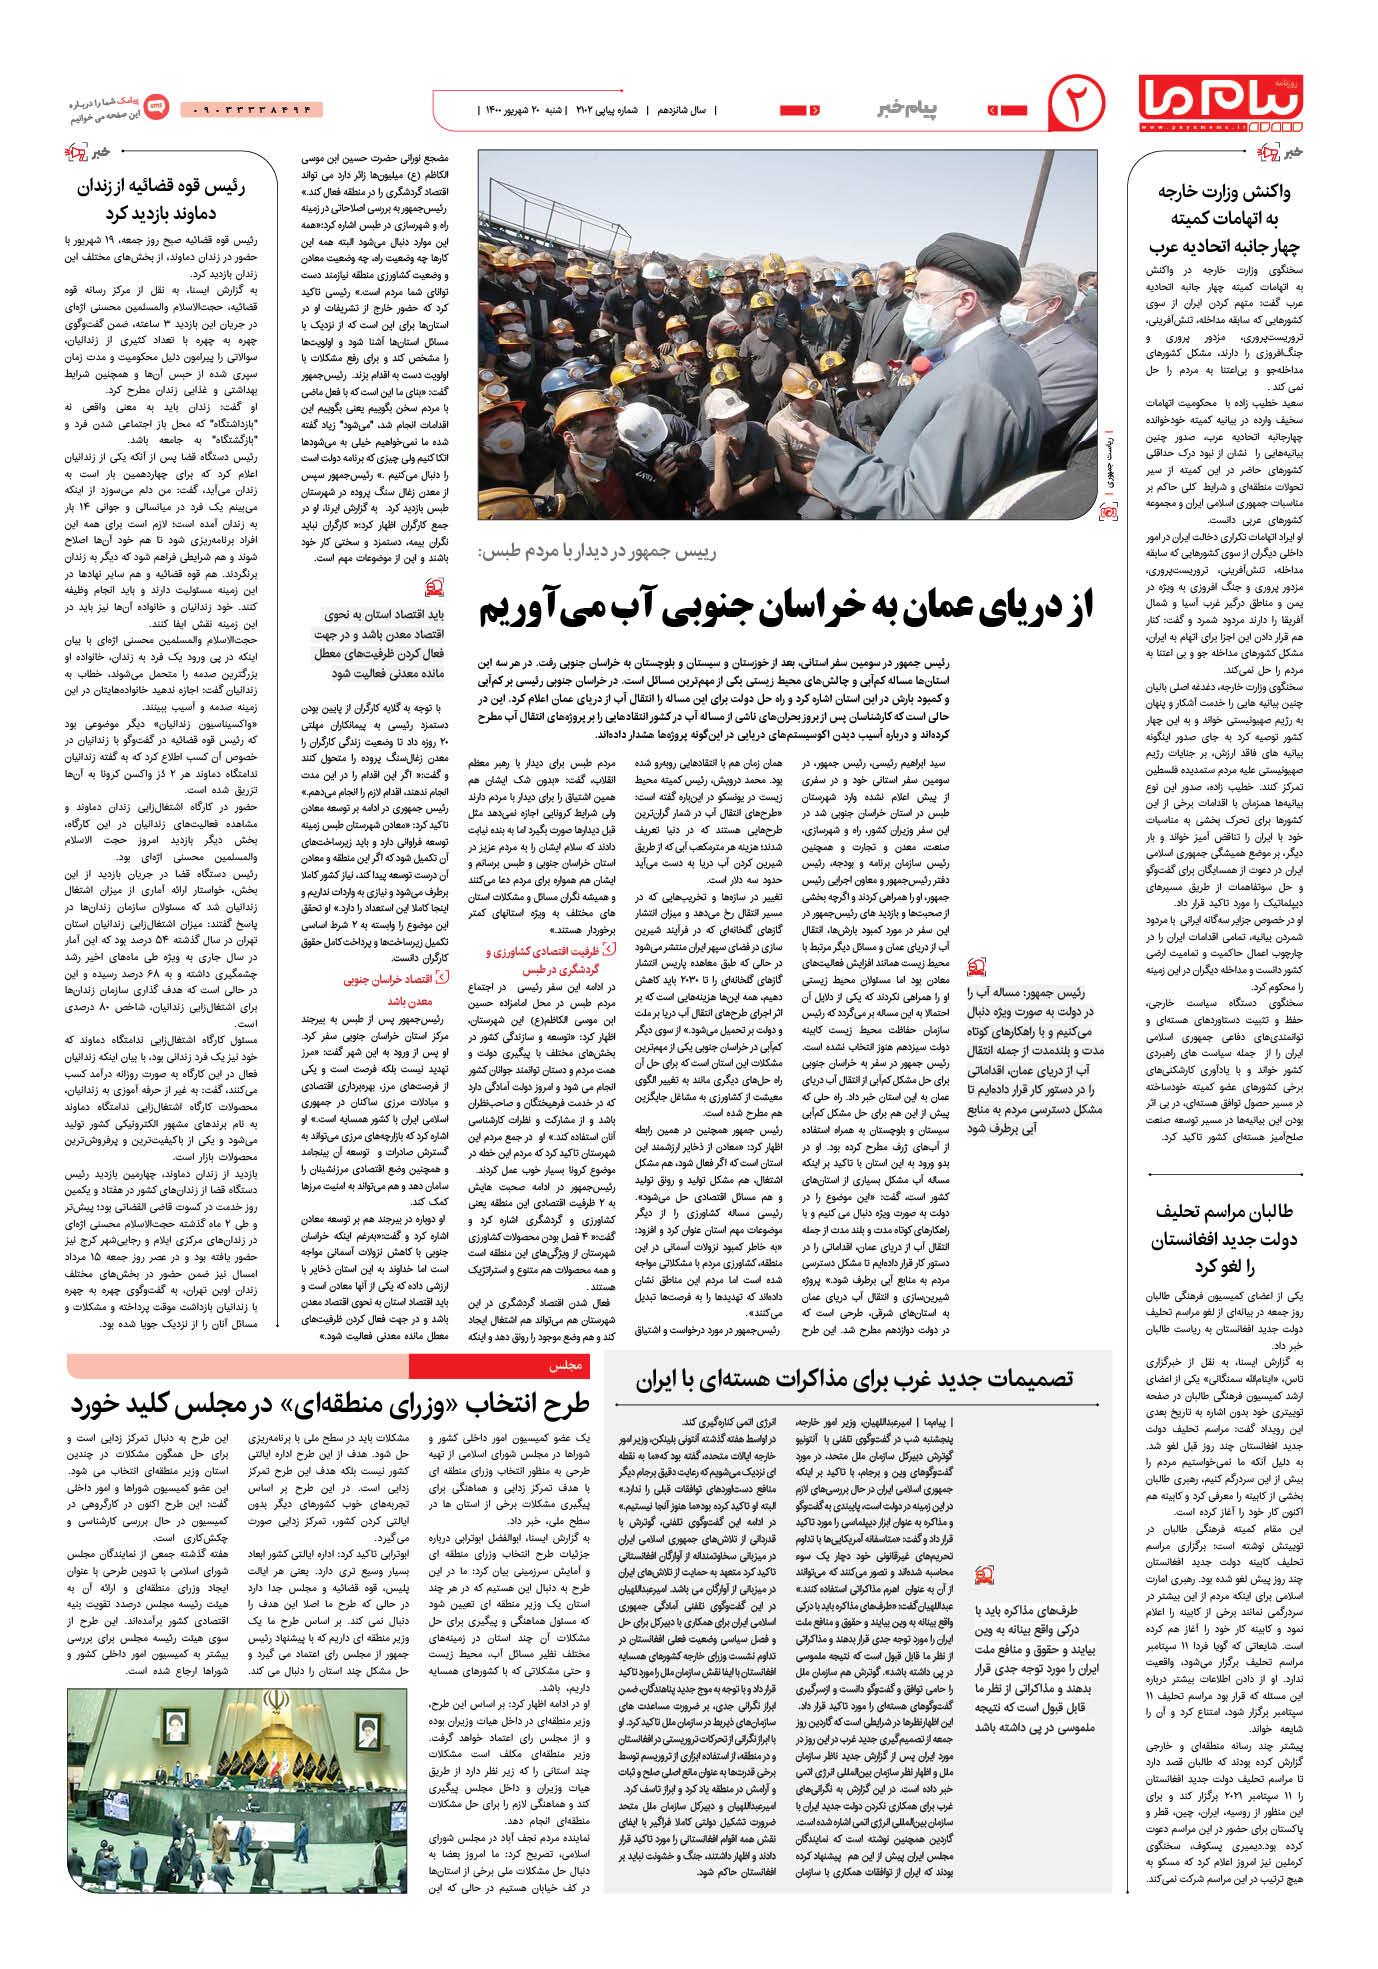 صفحه پیام خبر شماره 2102 روزنامه پیام ما